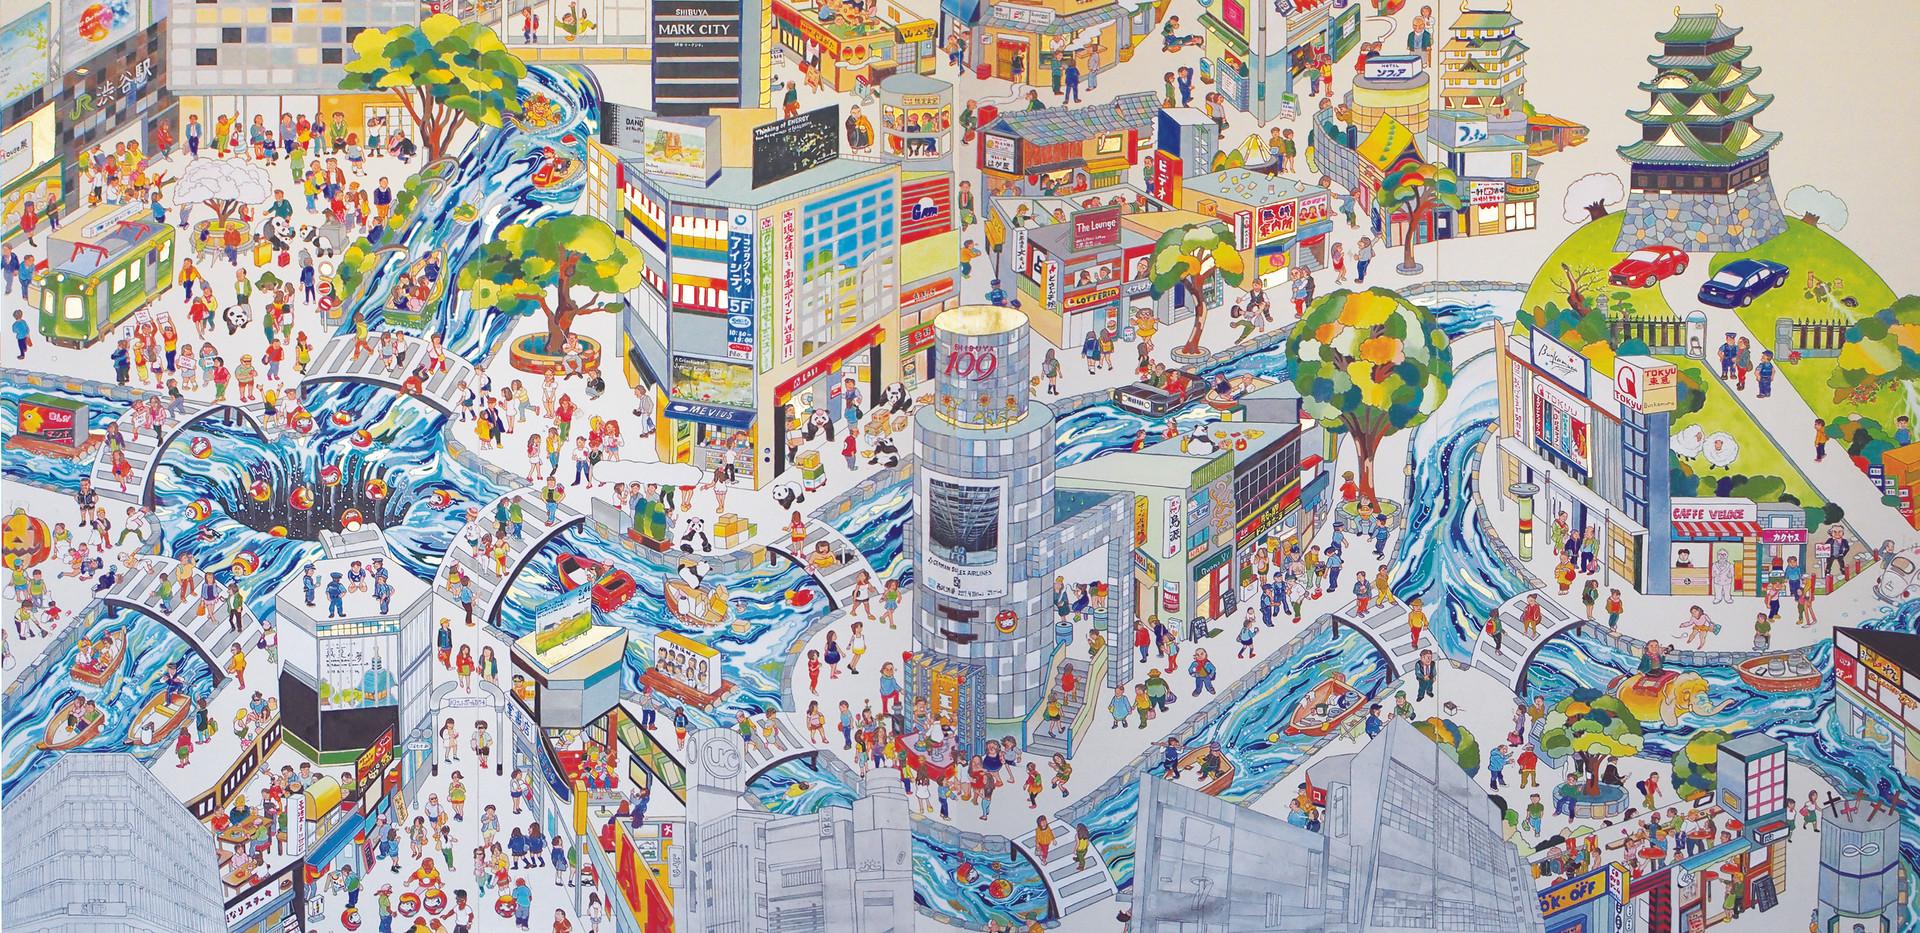 渋谷 Life